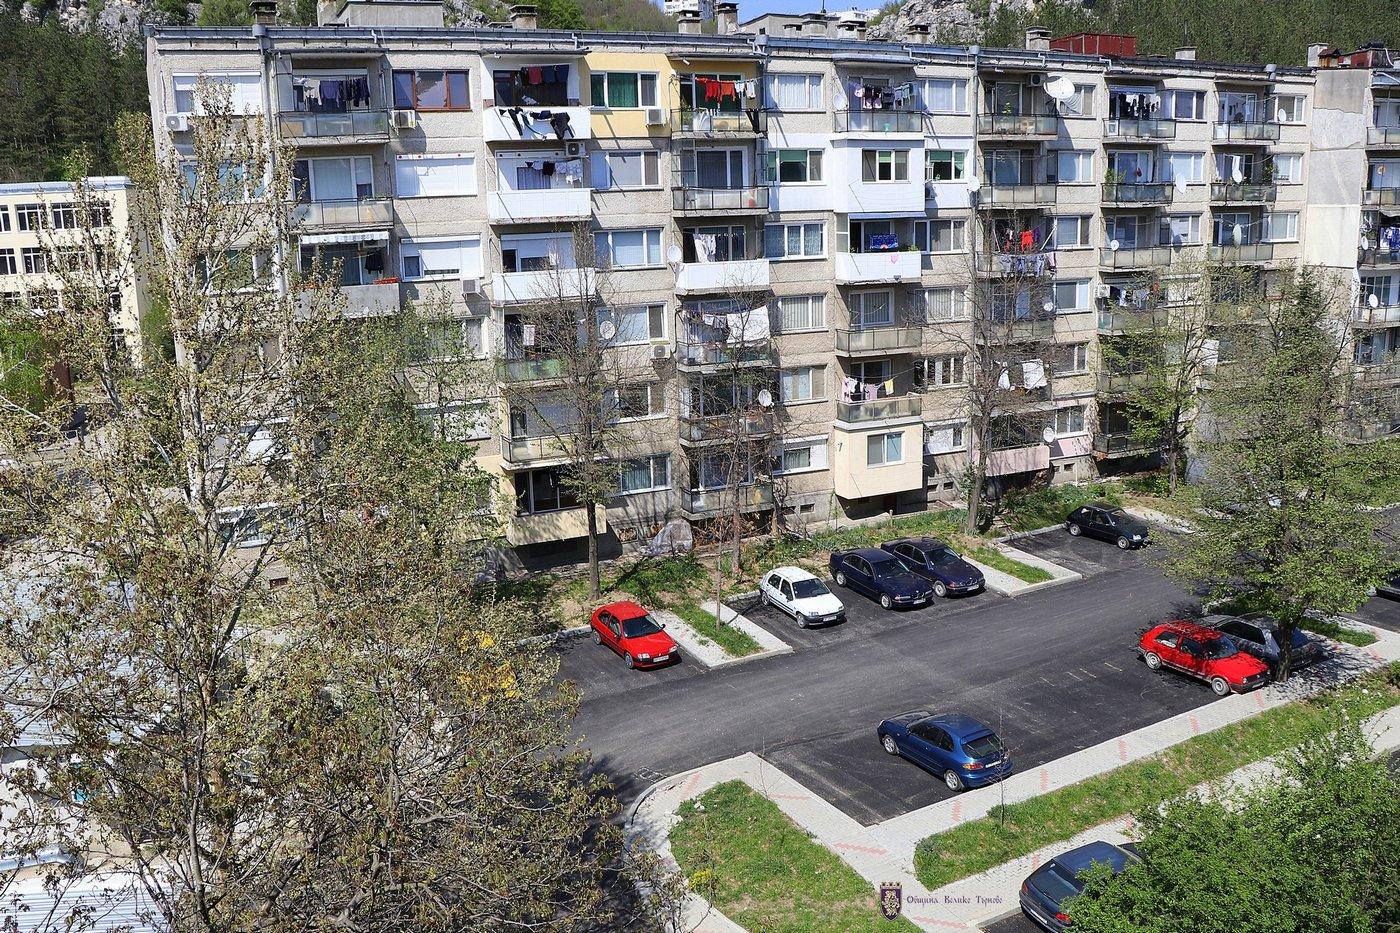 Hoteli V Veliko Trnovo Blizo Do Ulica Gurko Spestete Do 78